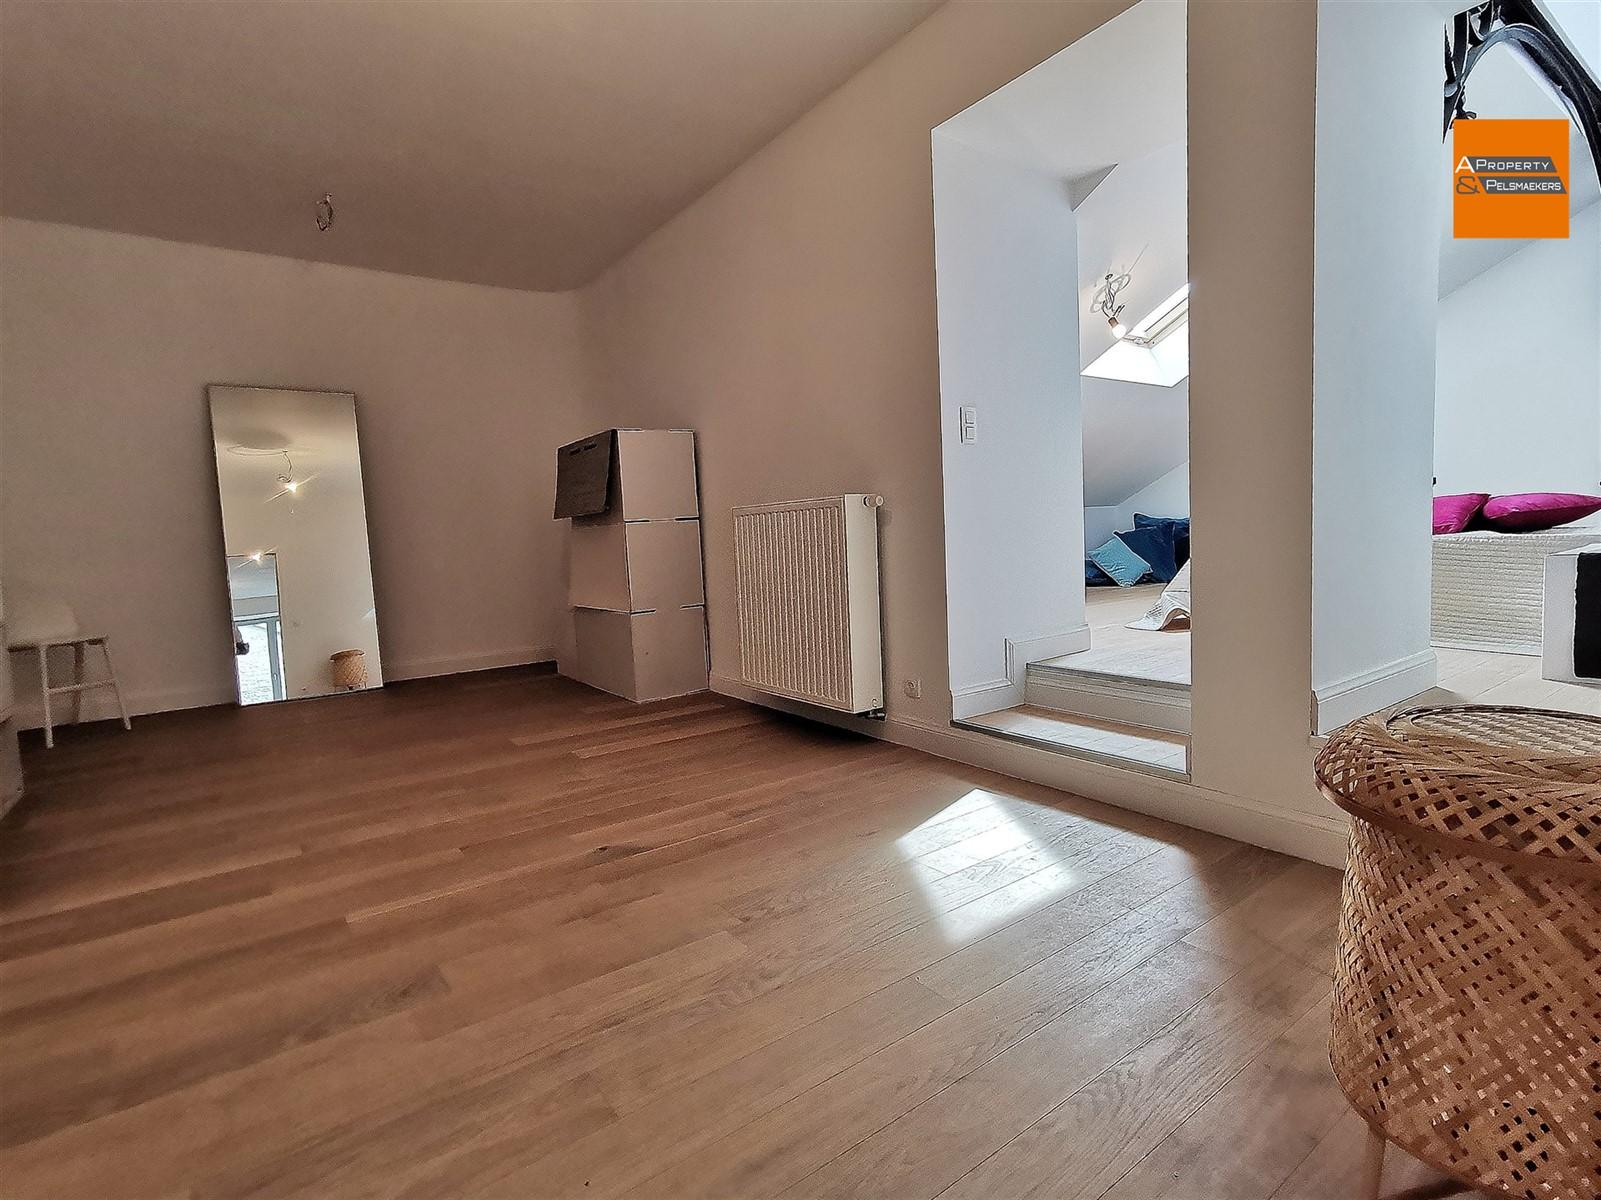 Image 13 : Appartement à 1070 Anderlecht (Belgique) - Prix 444.730 €